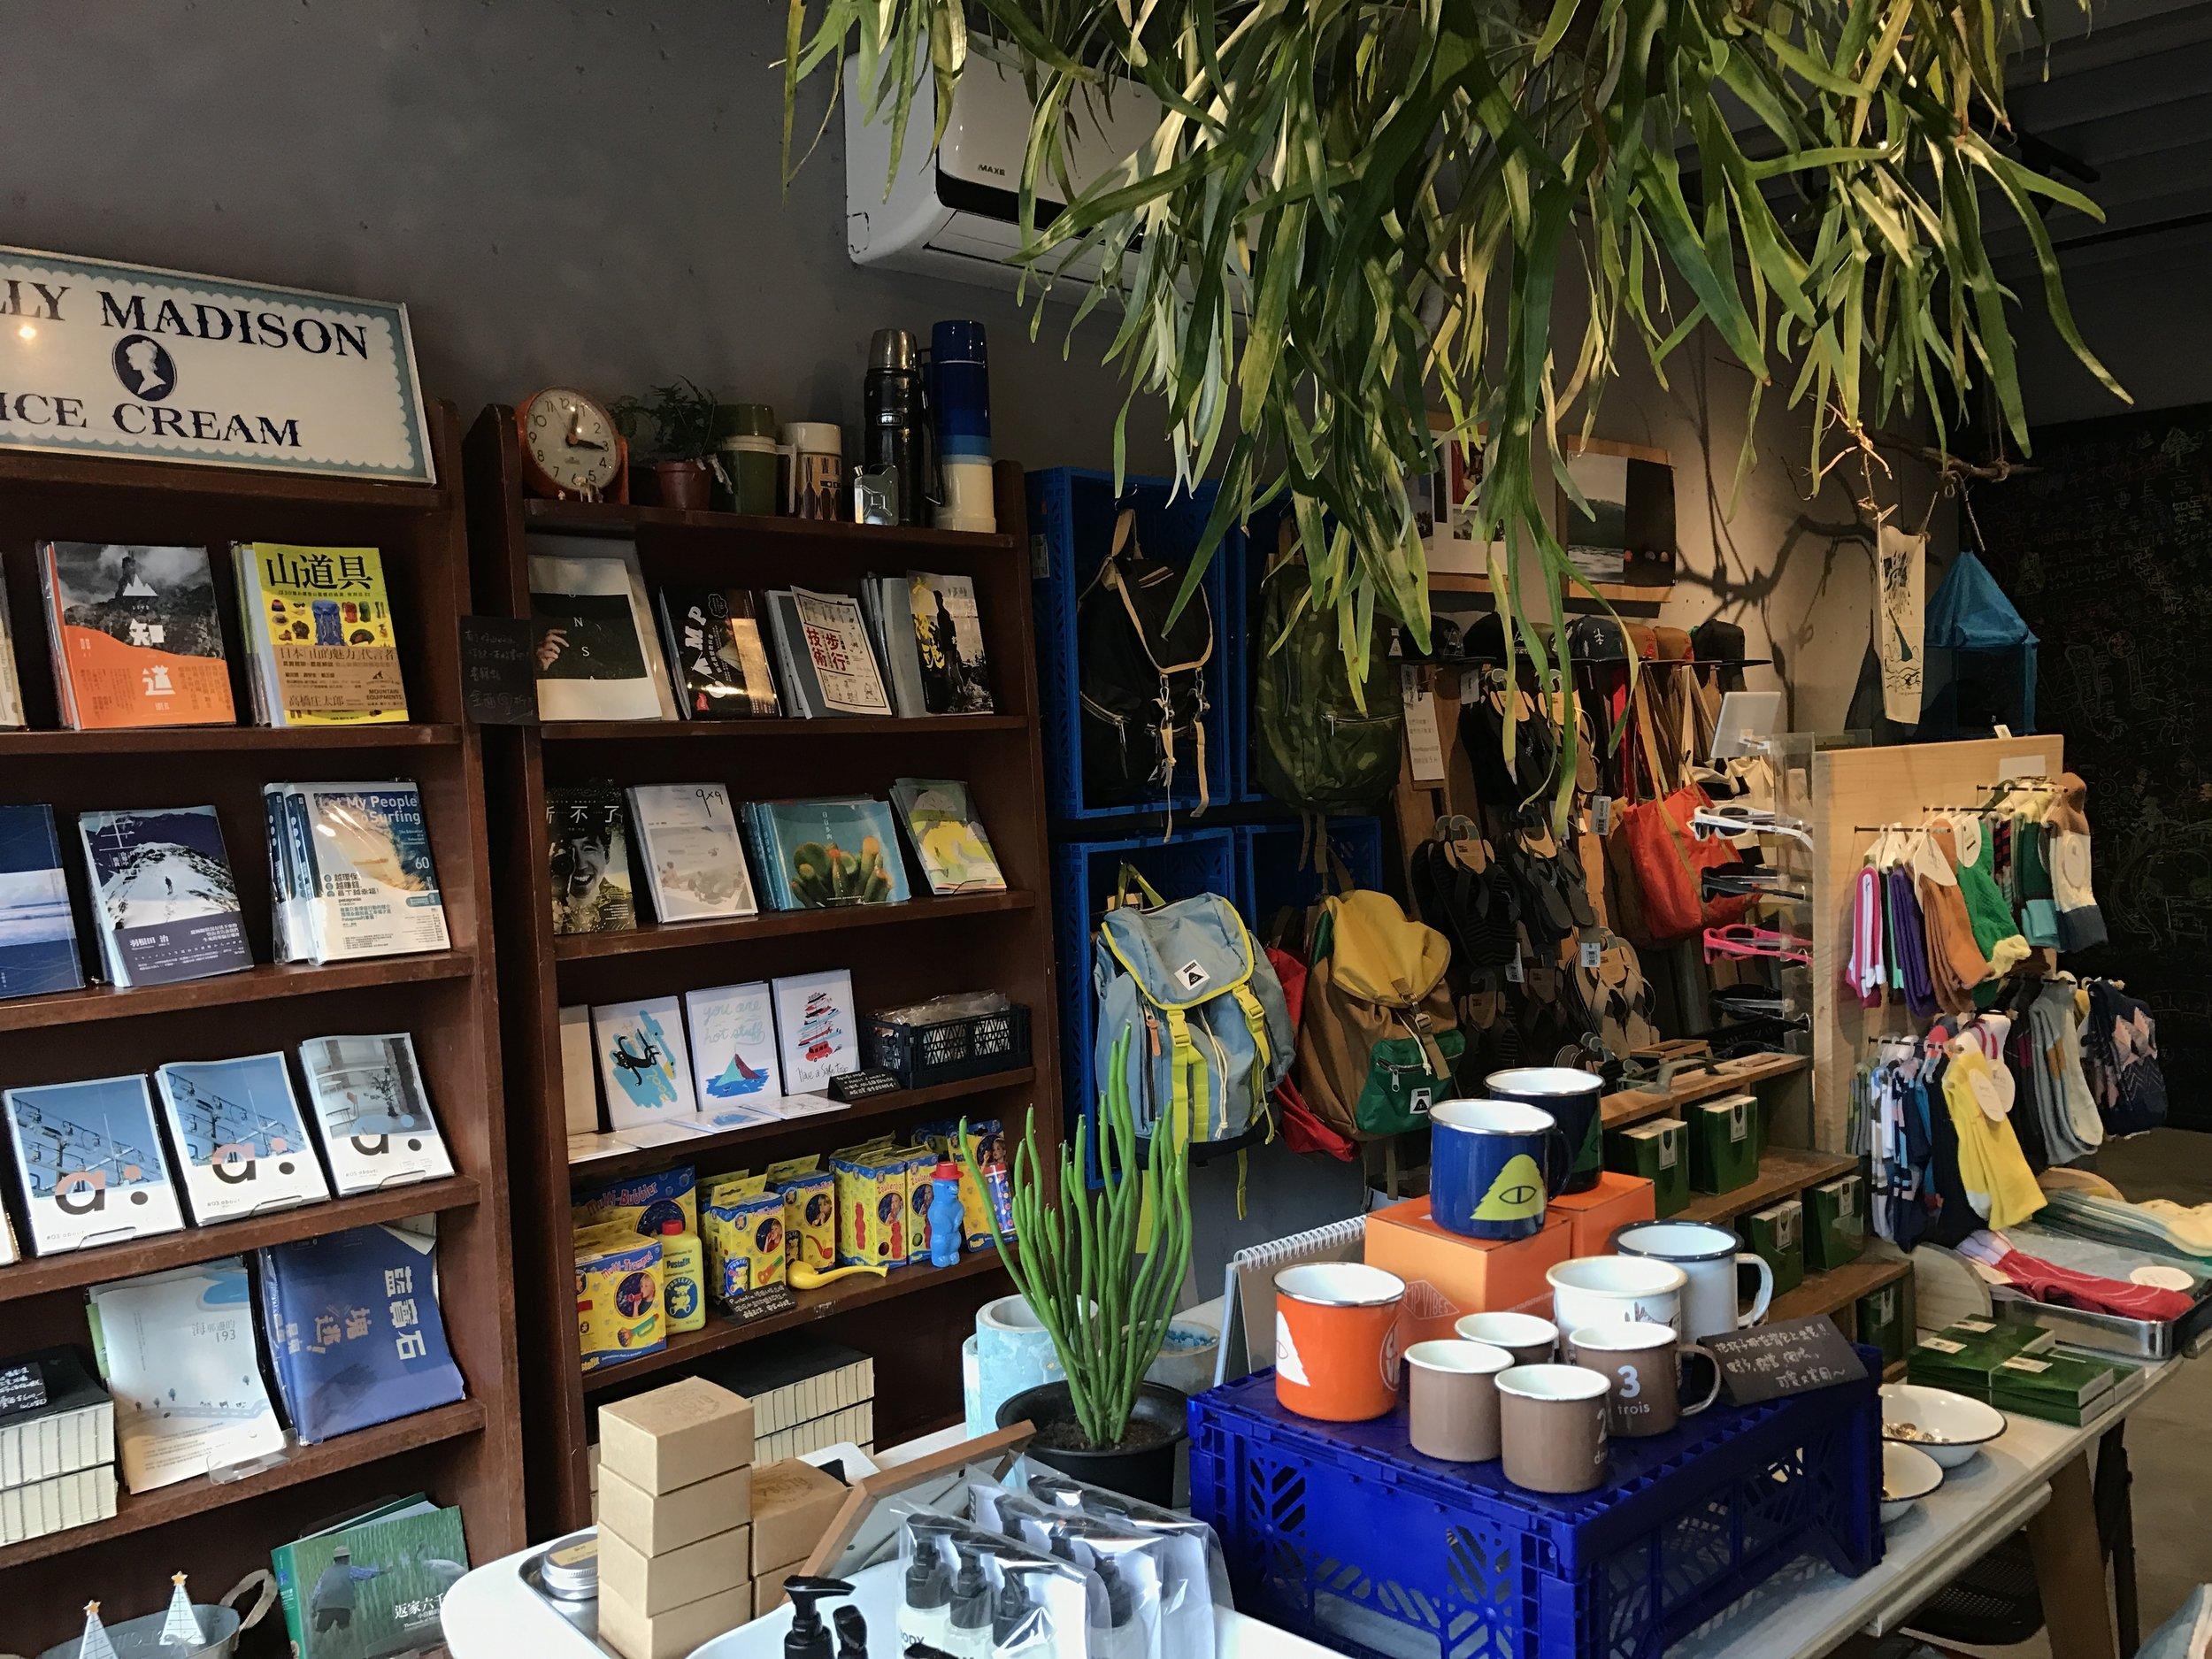 (After >>老的書櫃、舊的餐桌、工廠棧板、古董燈箱變成我們有味道的陳列道具)